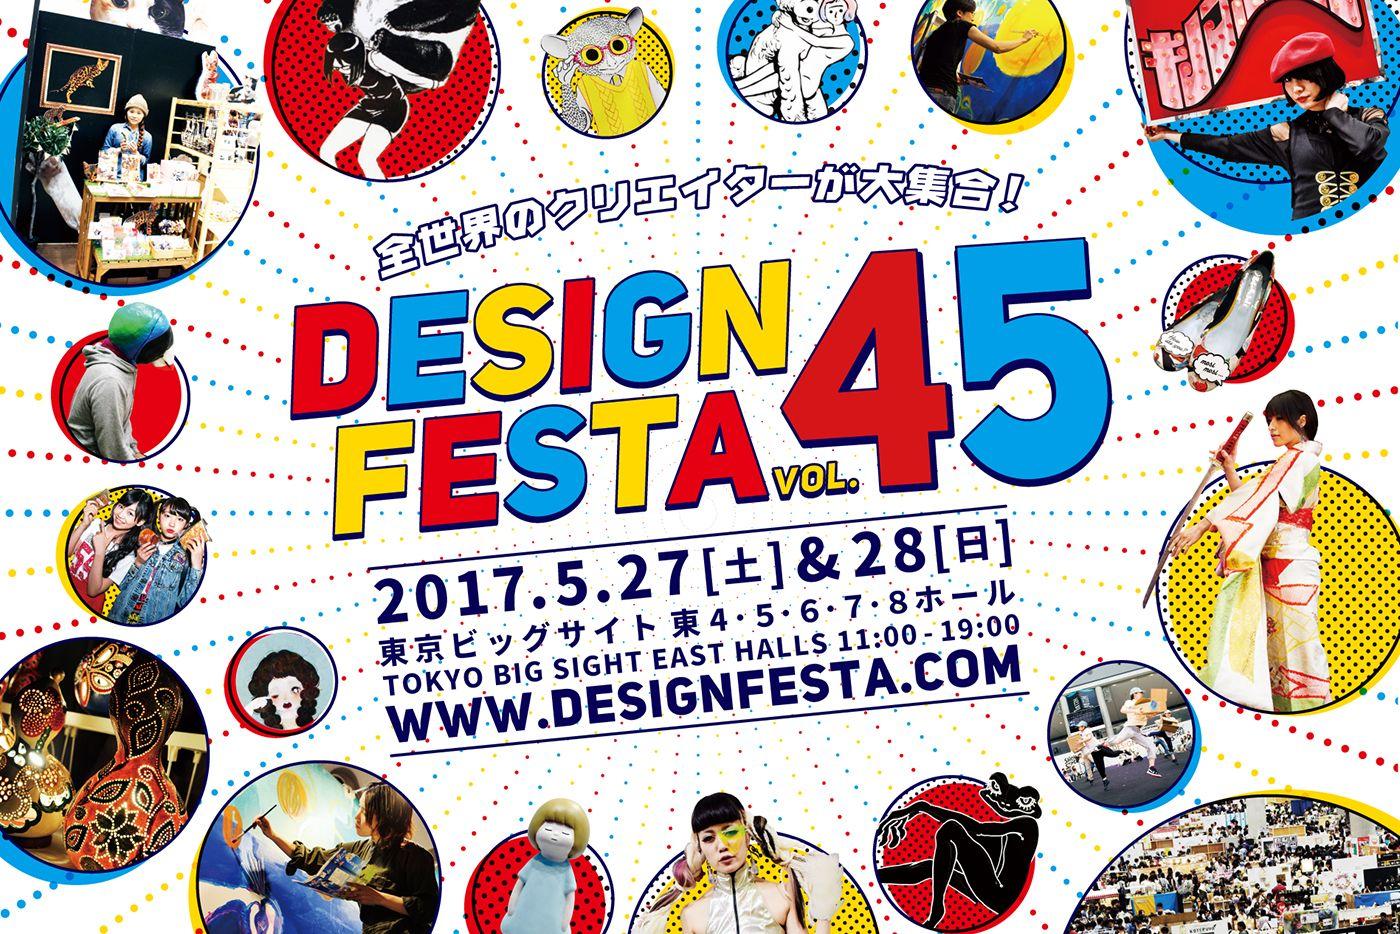 アジア最大級のアートイベント